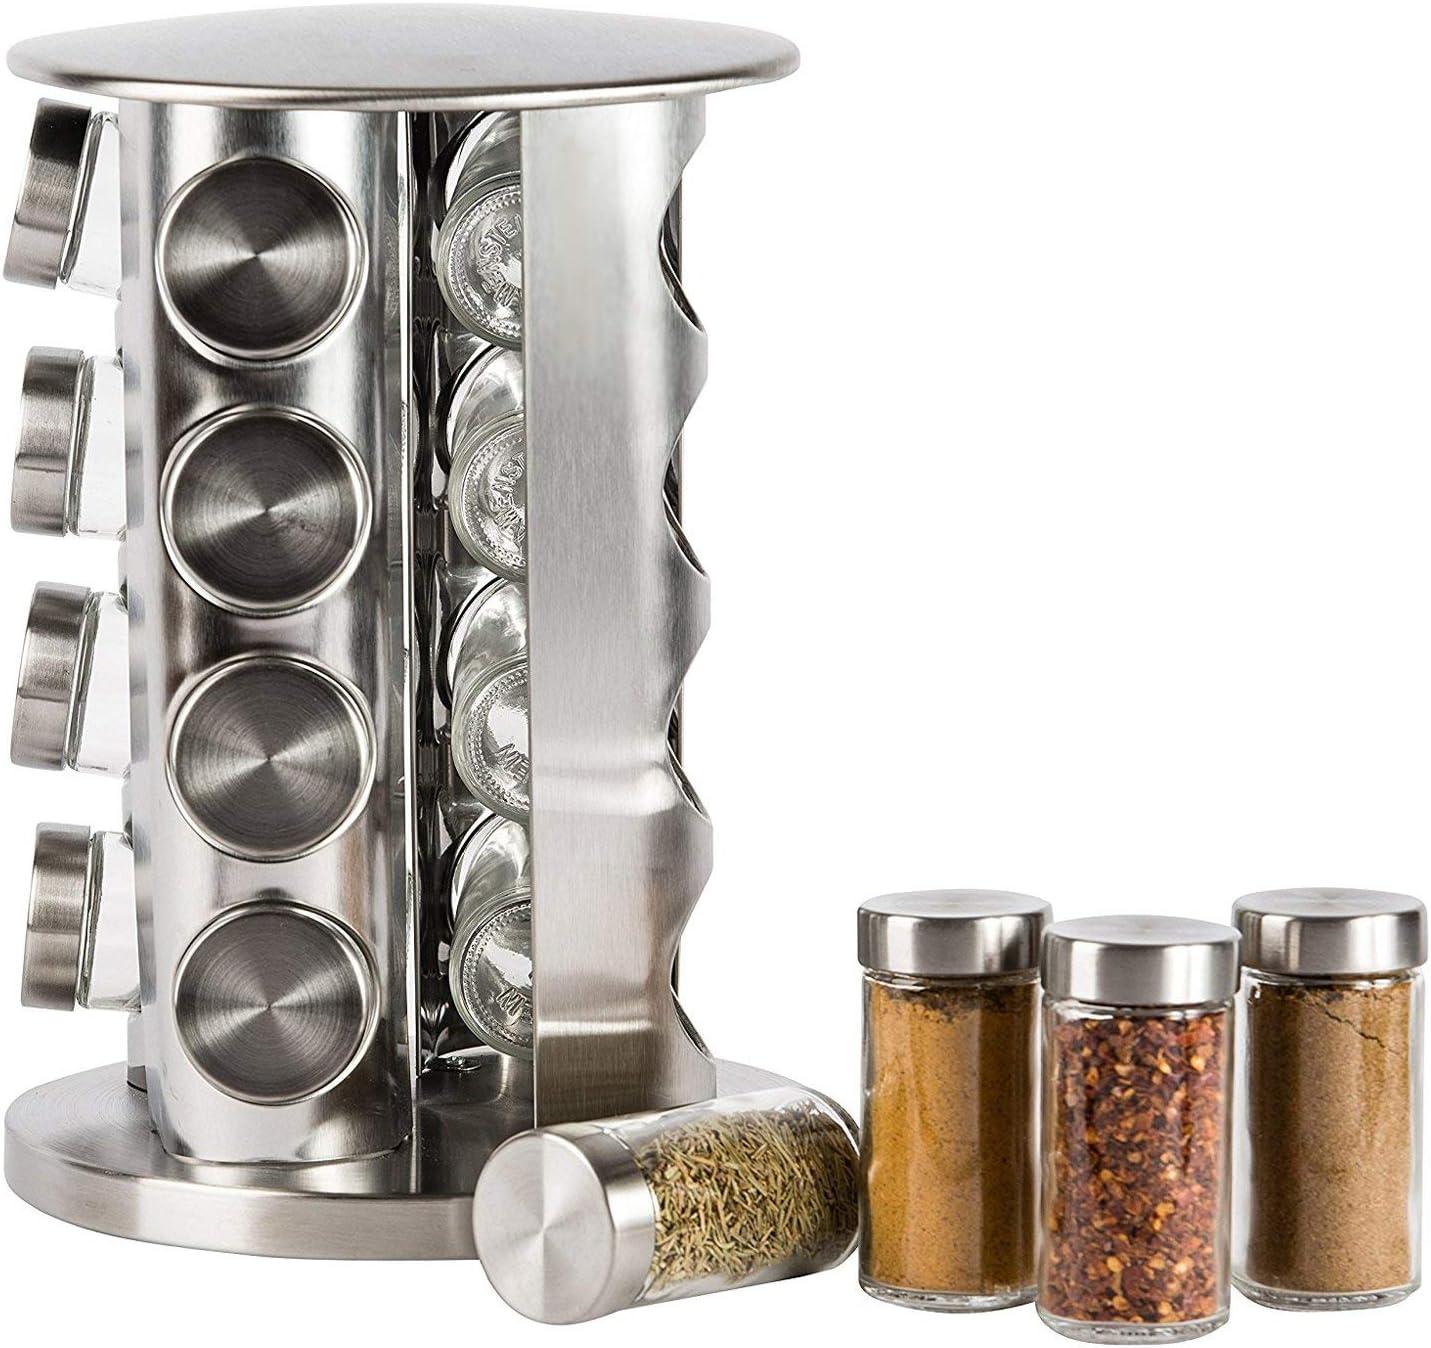 Estantes de cocina especiero de acero inoxidable soporte especias de pie para ahorrar espacio Uso multifuncional para ba/ño y estudio-2 Niveles C